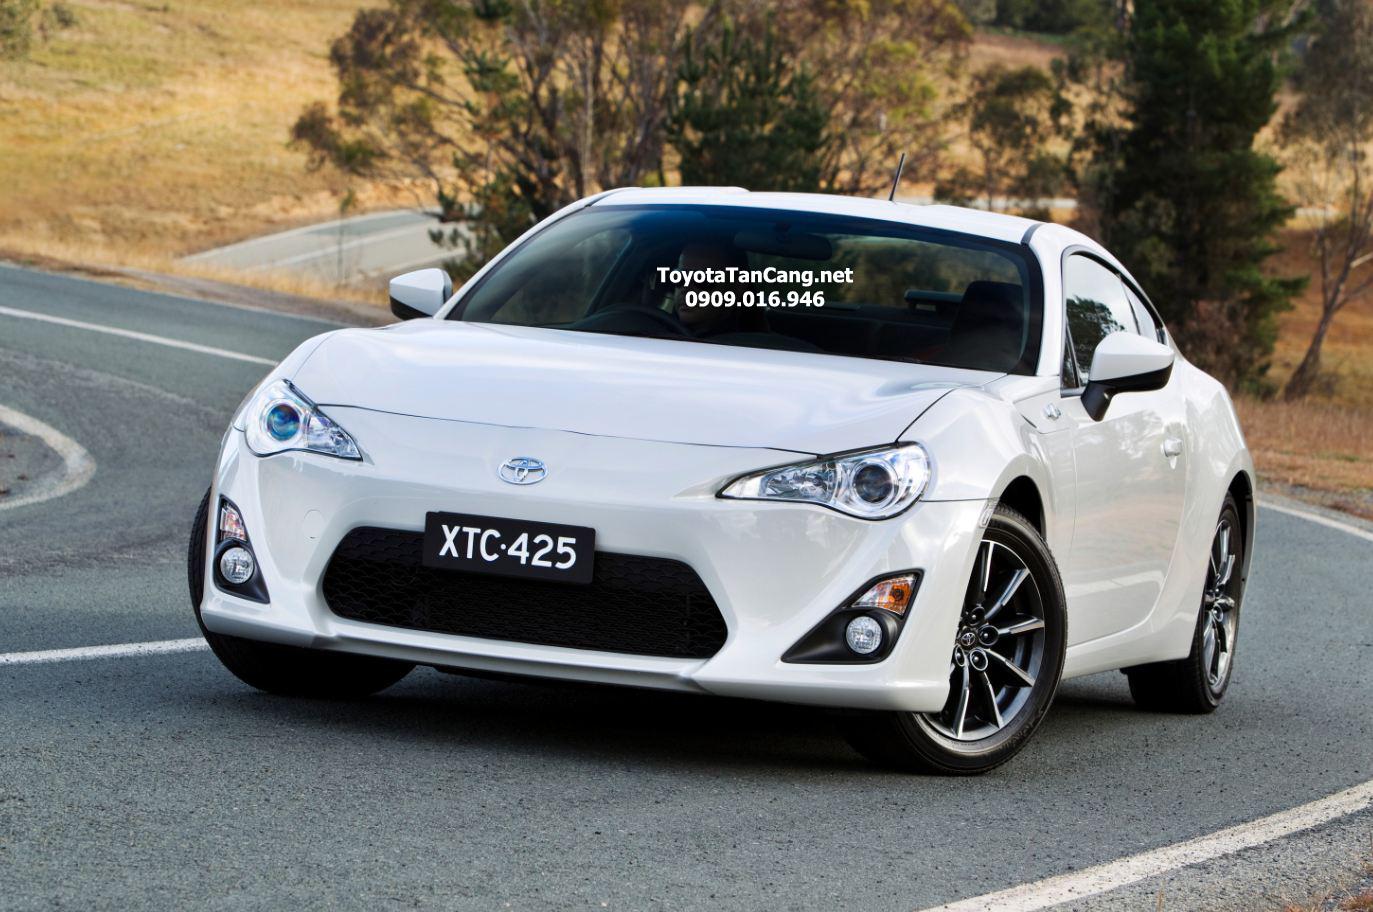 toyota ft 86 2015 toyota tan cang 11 -  - Đánh giá Toyota FT 86 2015 nhập khẩu: Đẳng cấp xe đua dạo phố